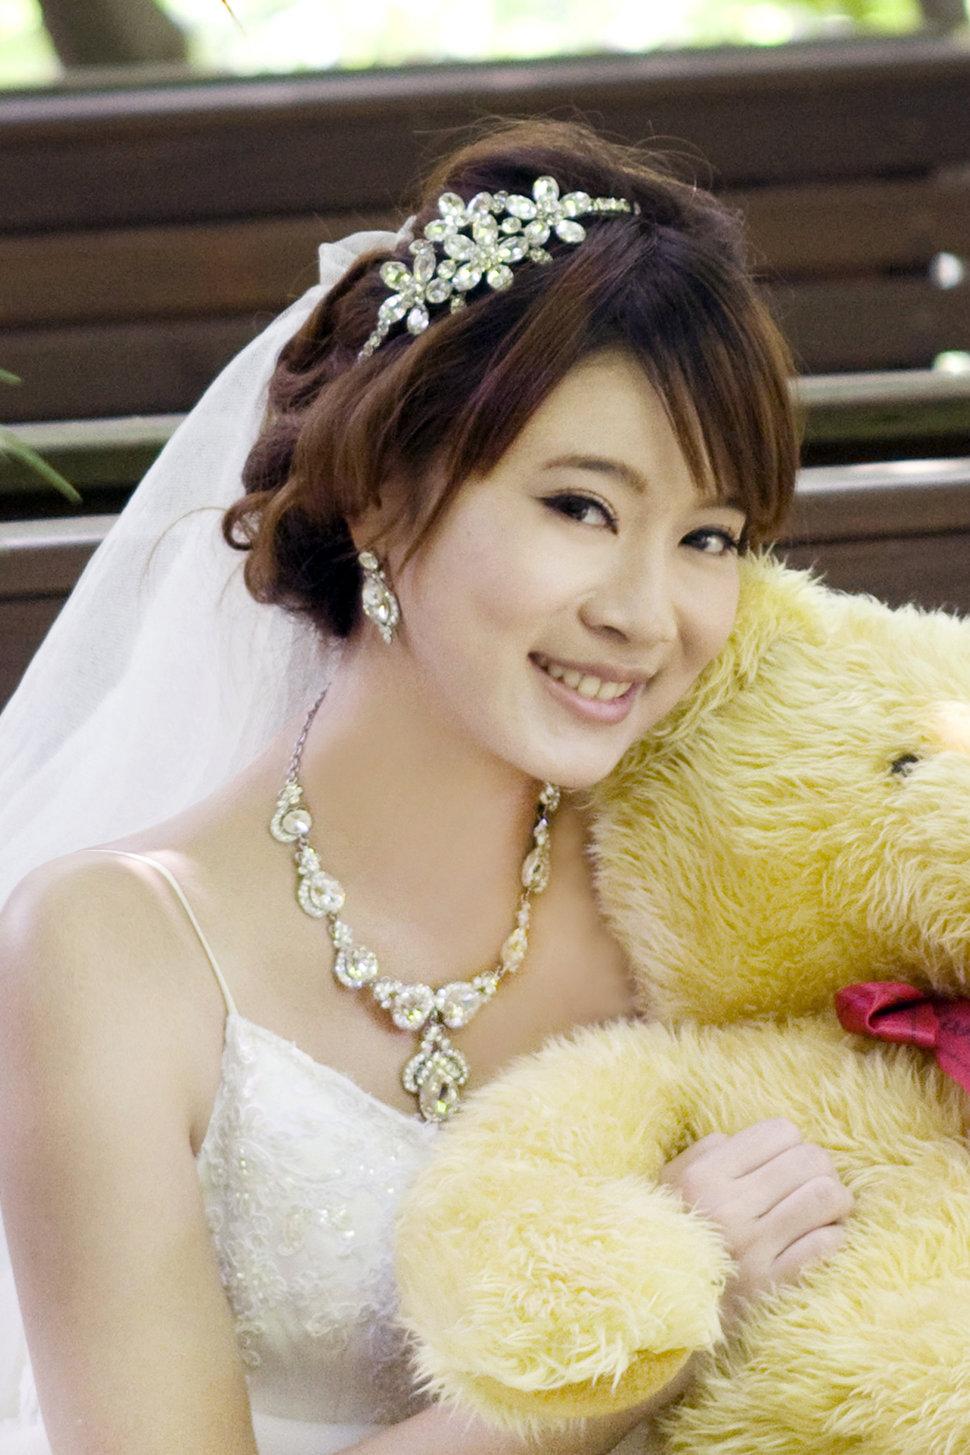 蓓麗宛婚禮時尚(編號:499500) - 蓓麗宛婚禮時尚《結婚吧》